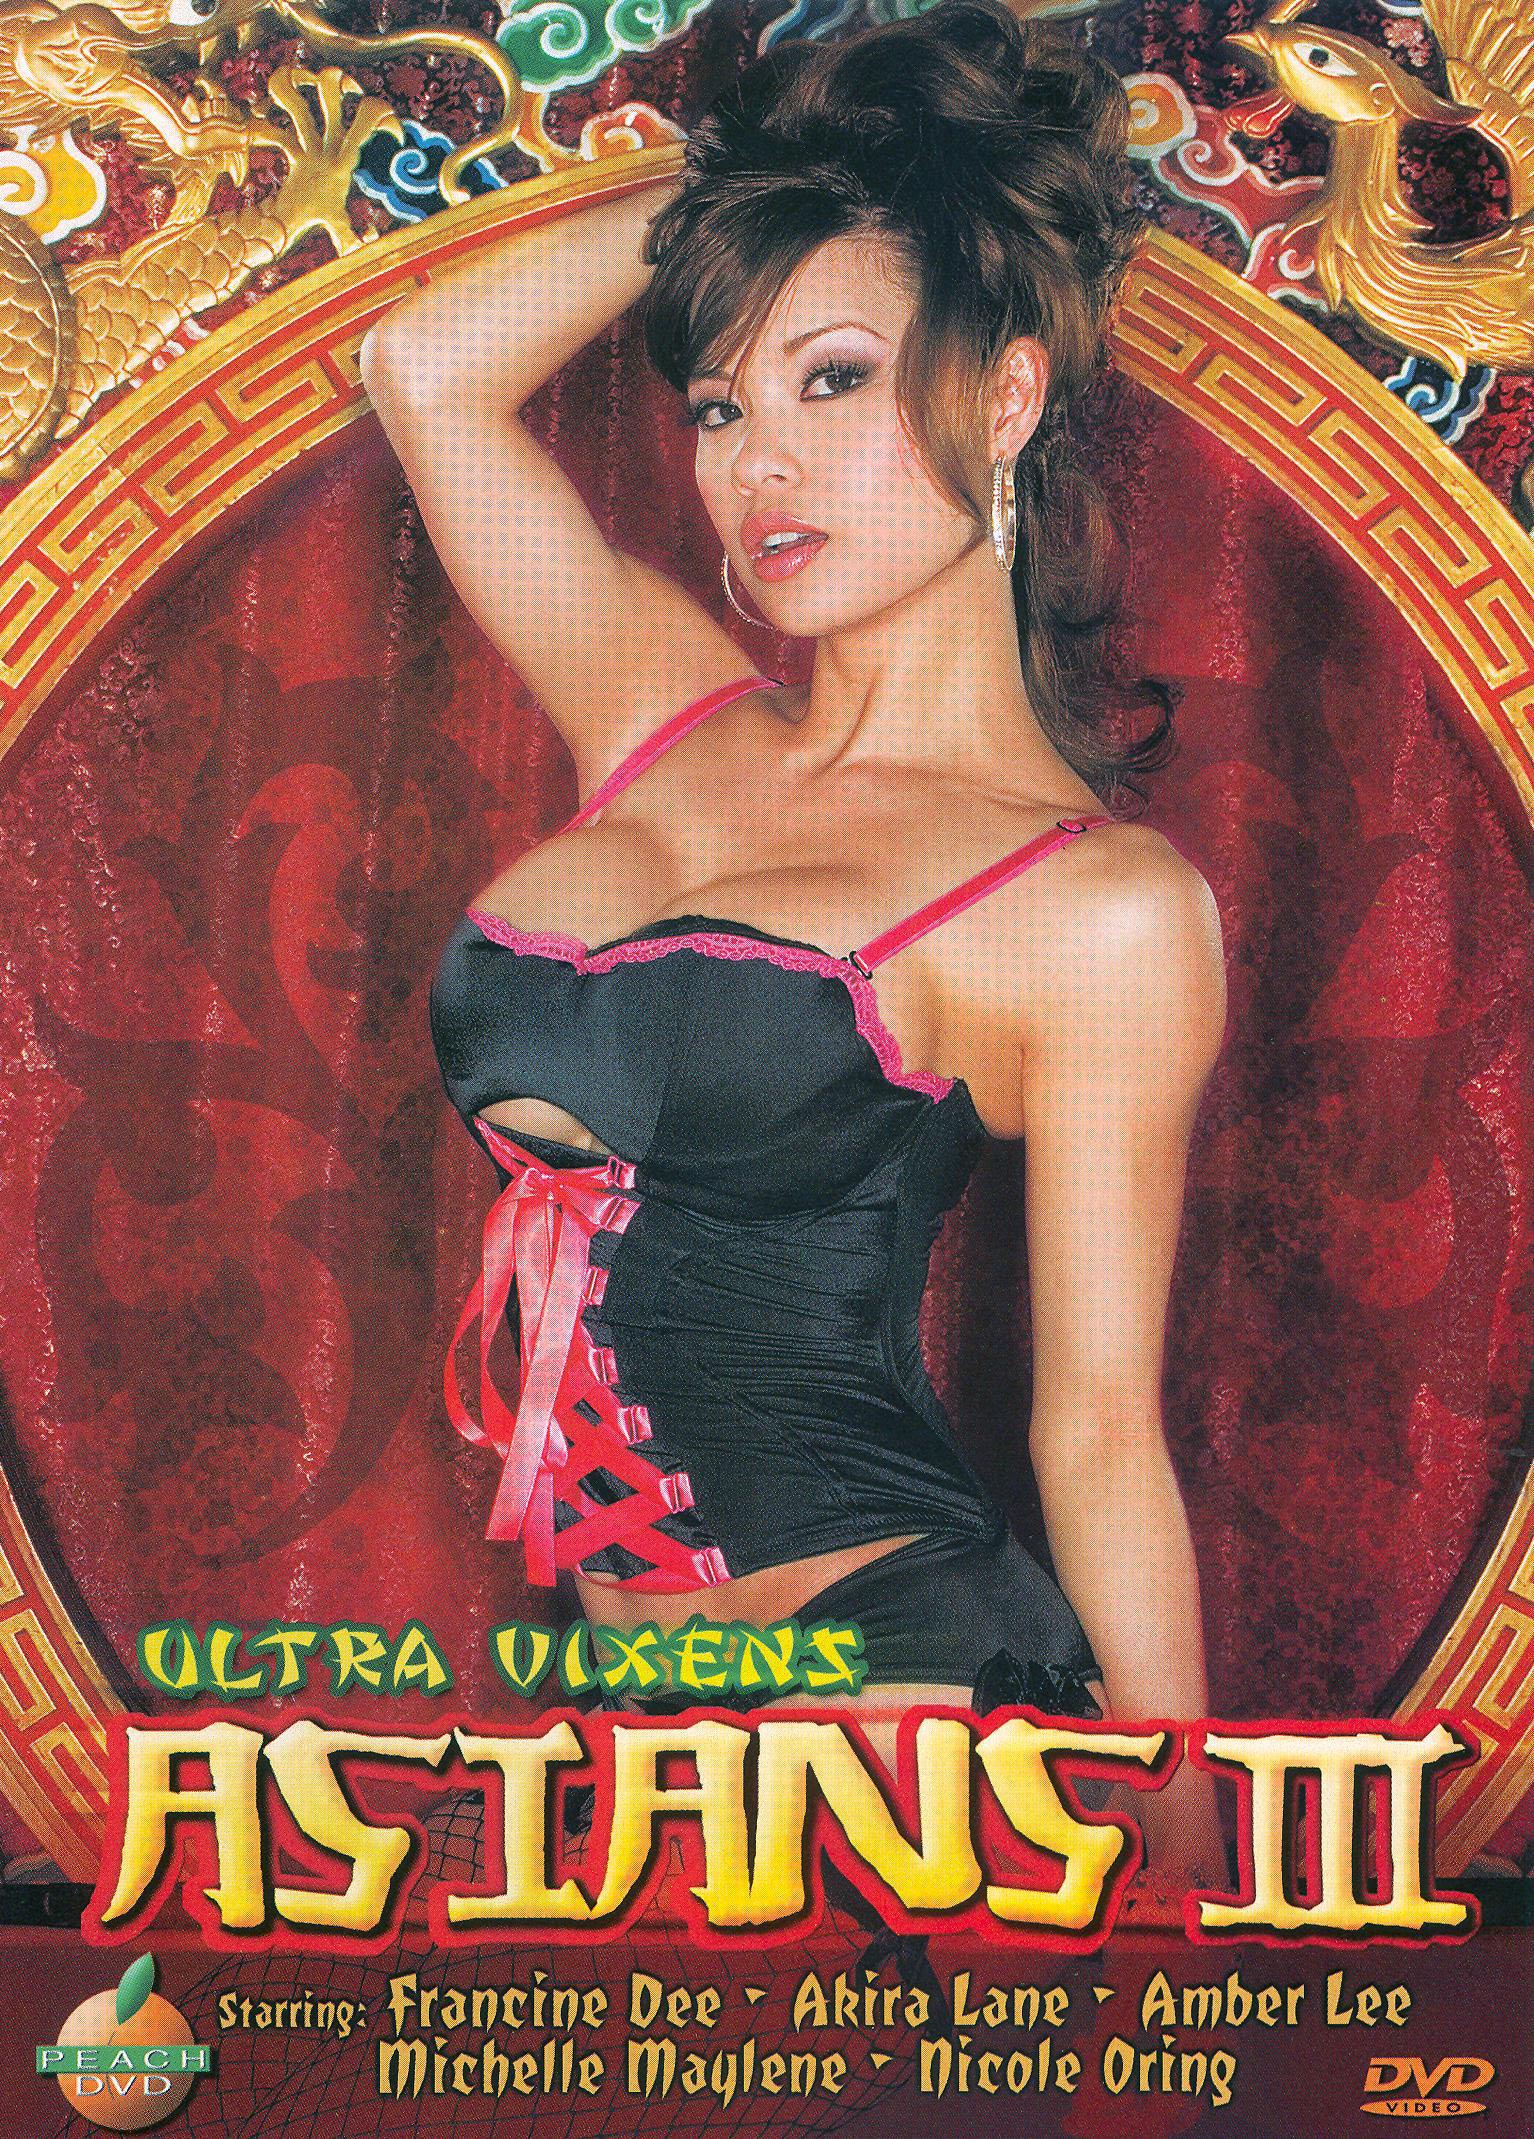 Ultra Vixens: Asians, Vol. 3